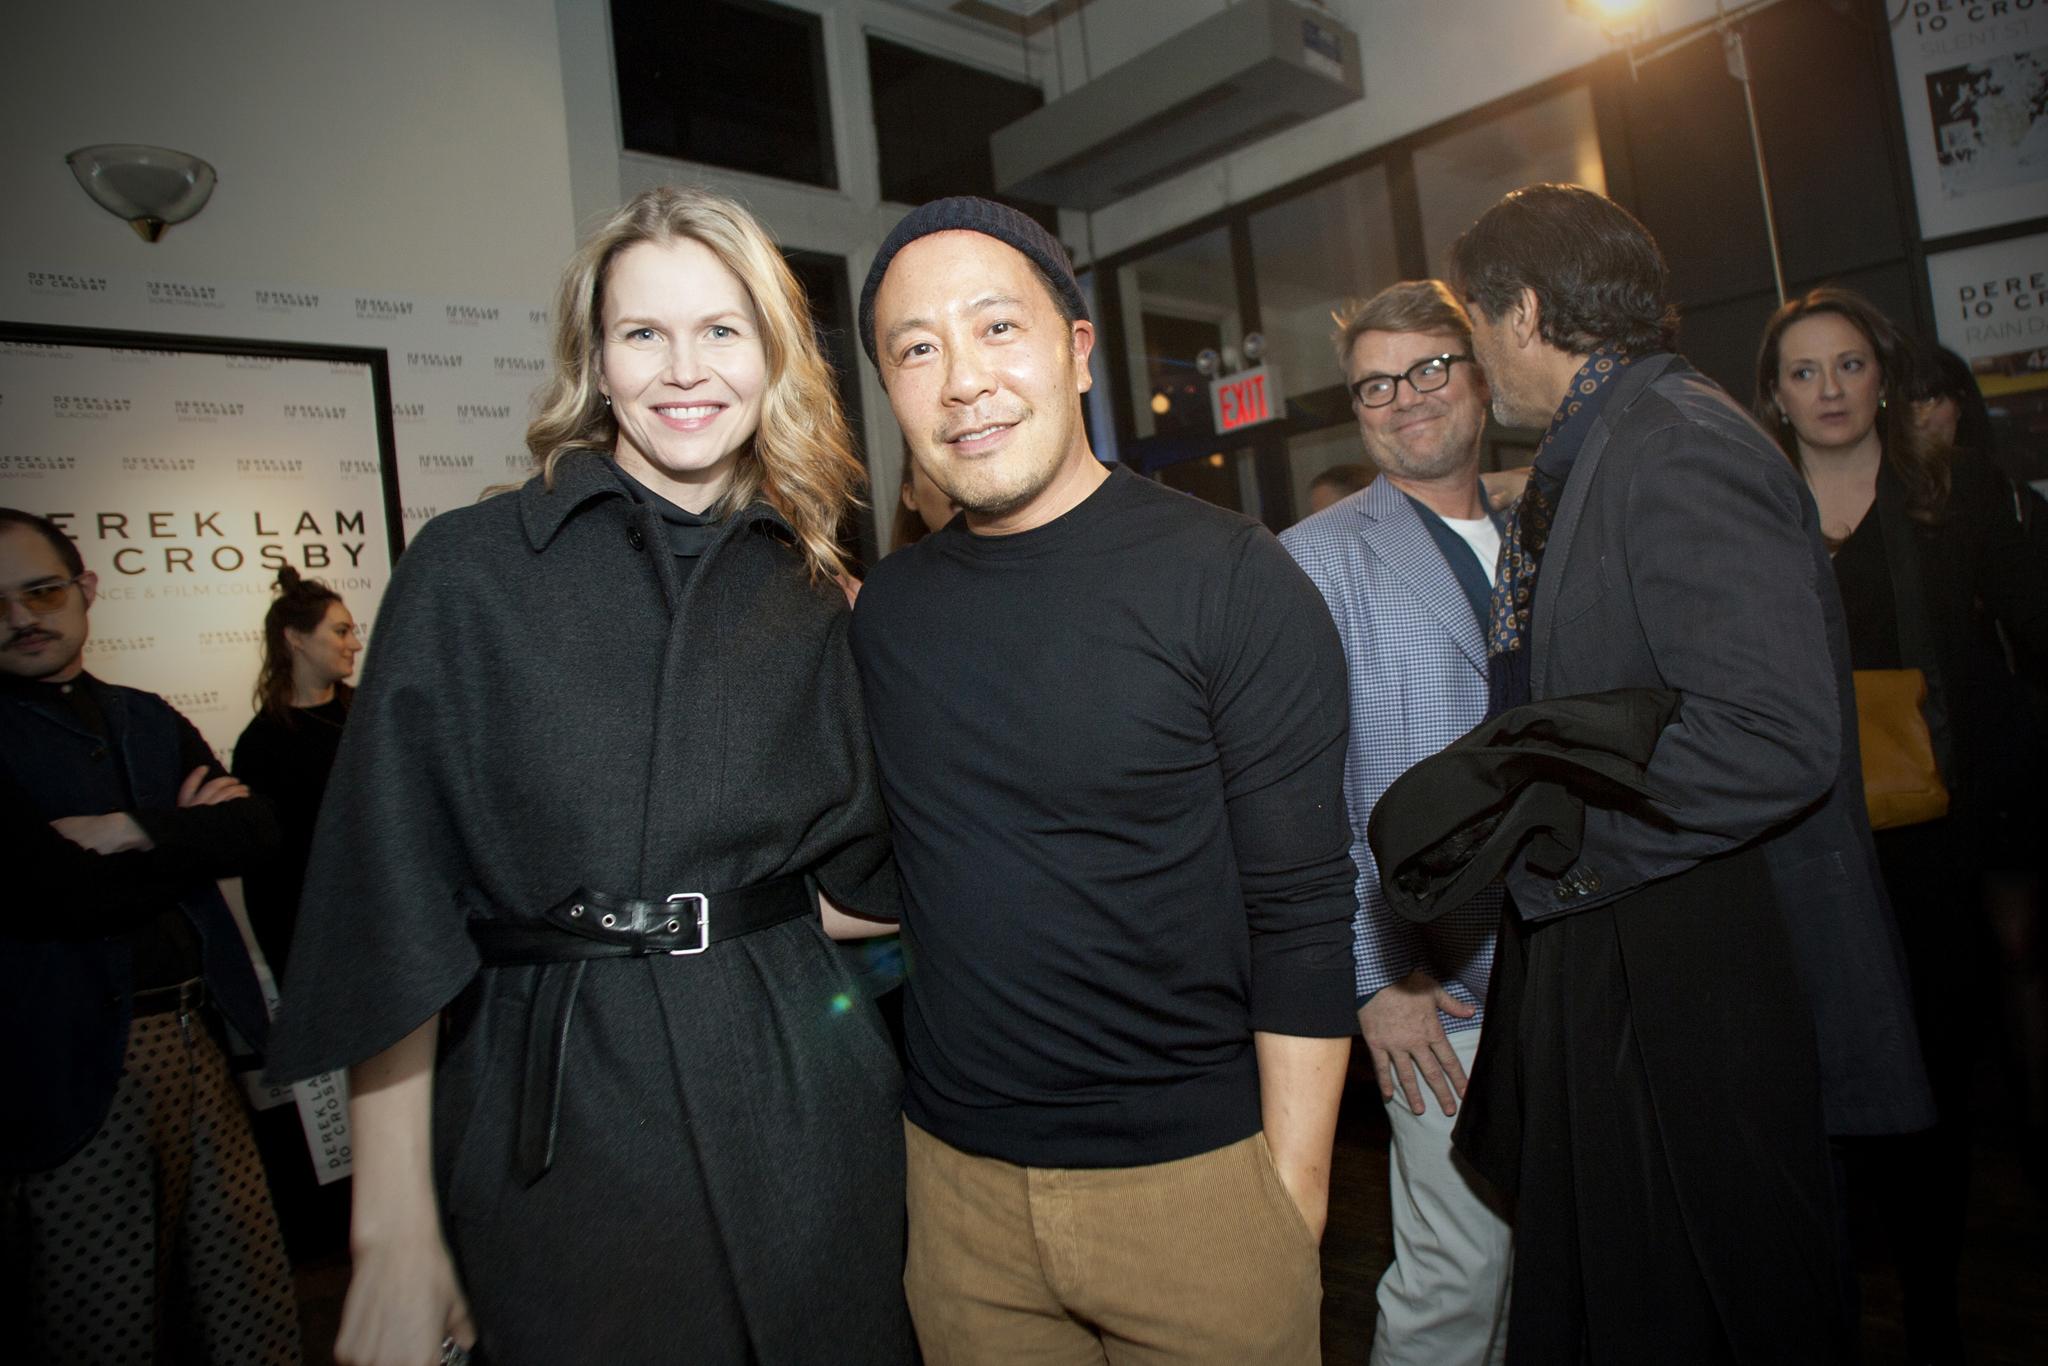 Shirin von Wulffen and Derek Lam